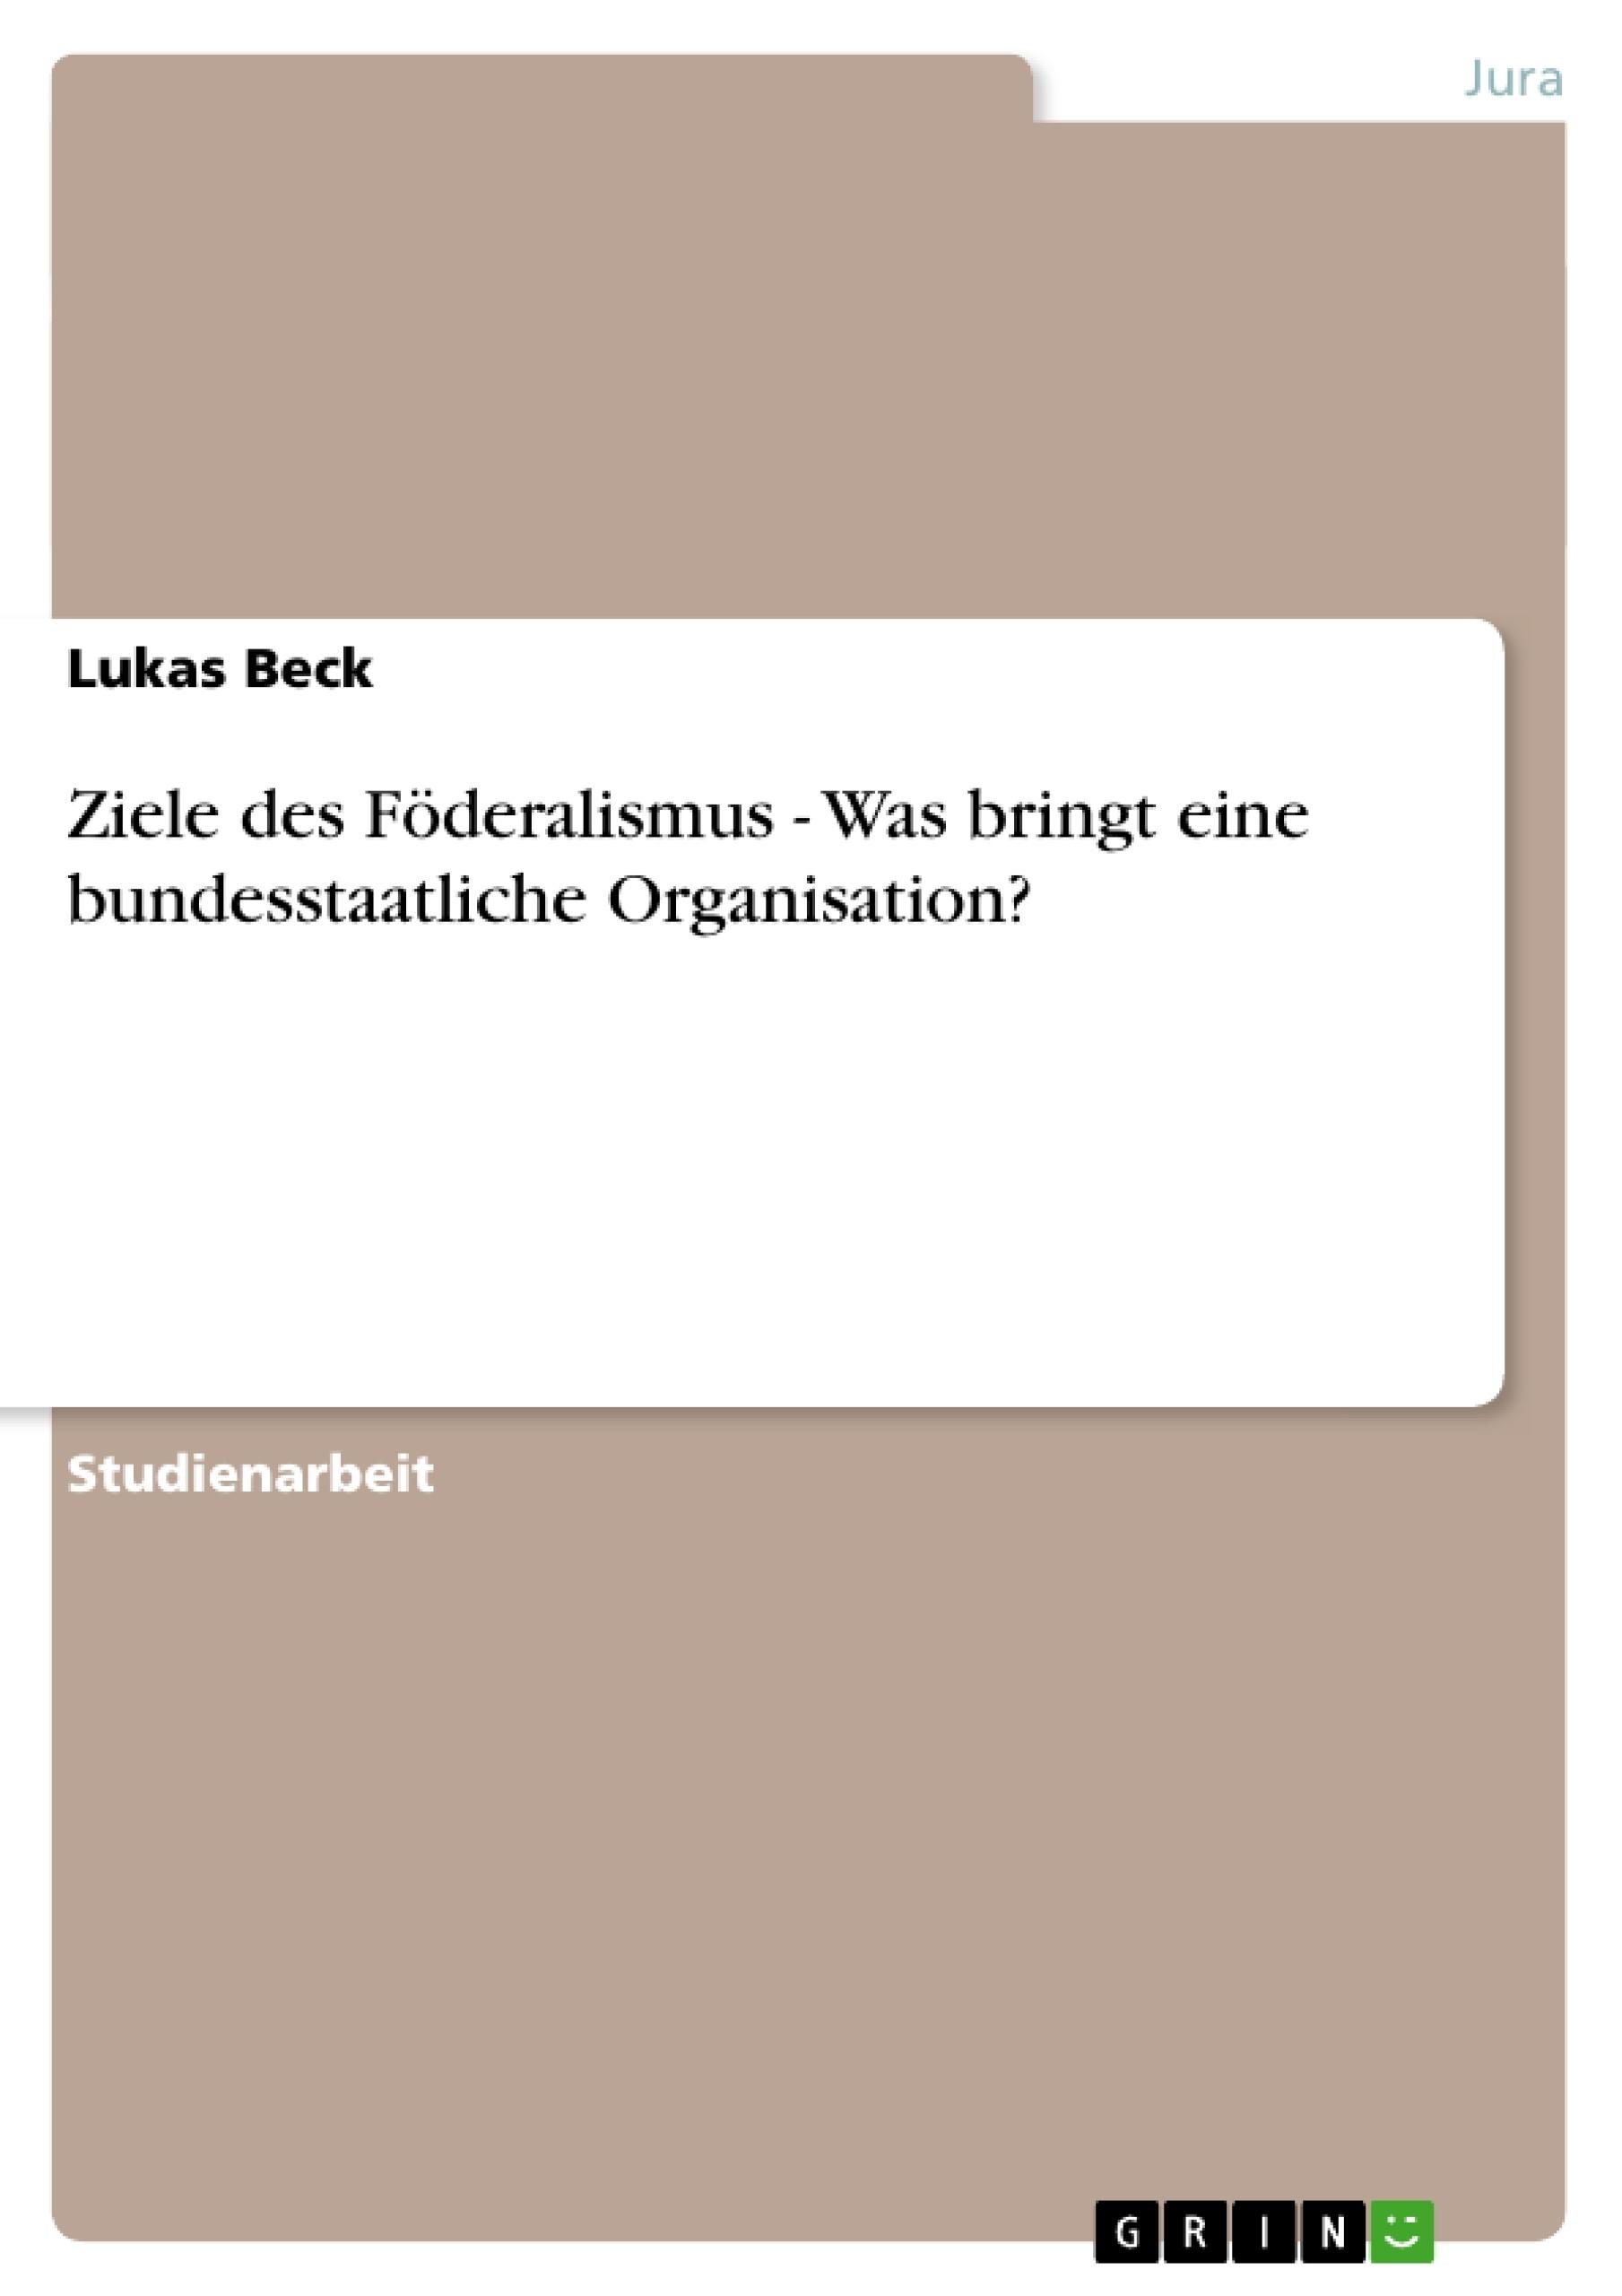 Titel: Ziele des Föderalismus - Was bringt eine bundesstaatliche Organisation?